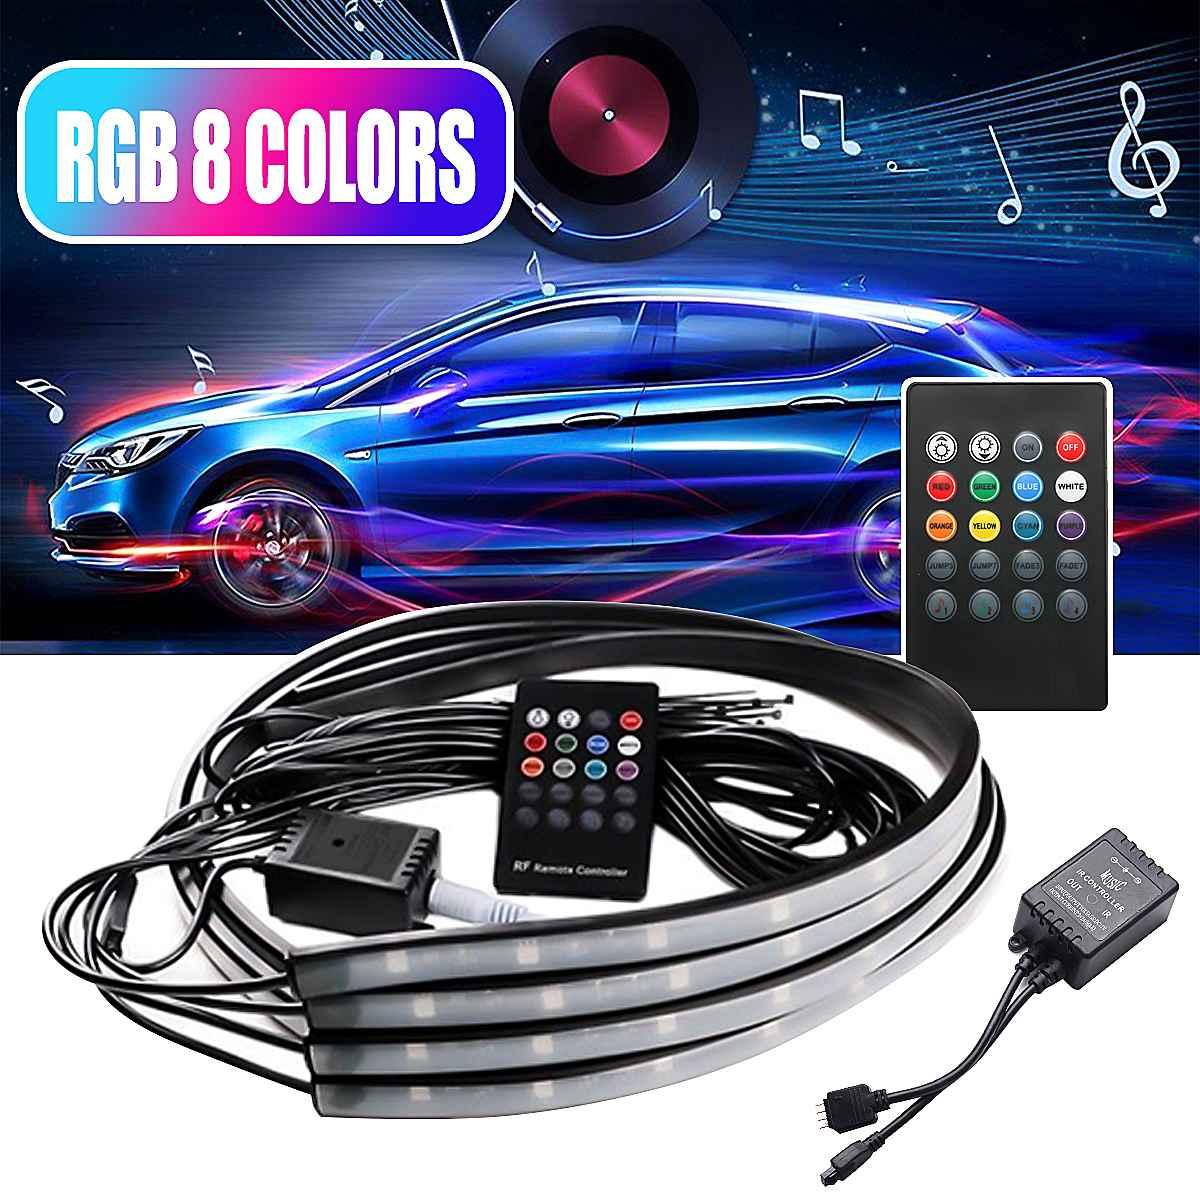 Luces LED de 12V para debajo del coche, tira RGB, sistema de iluminación interior, decoración automática, luces de Ambiente, Control por aplicación remota, 4 Uds.